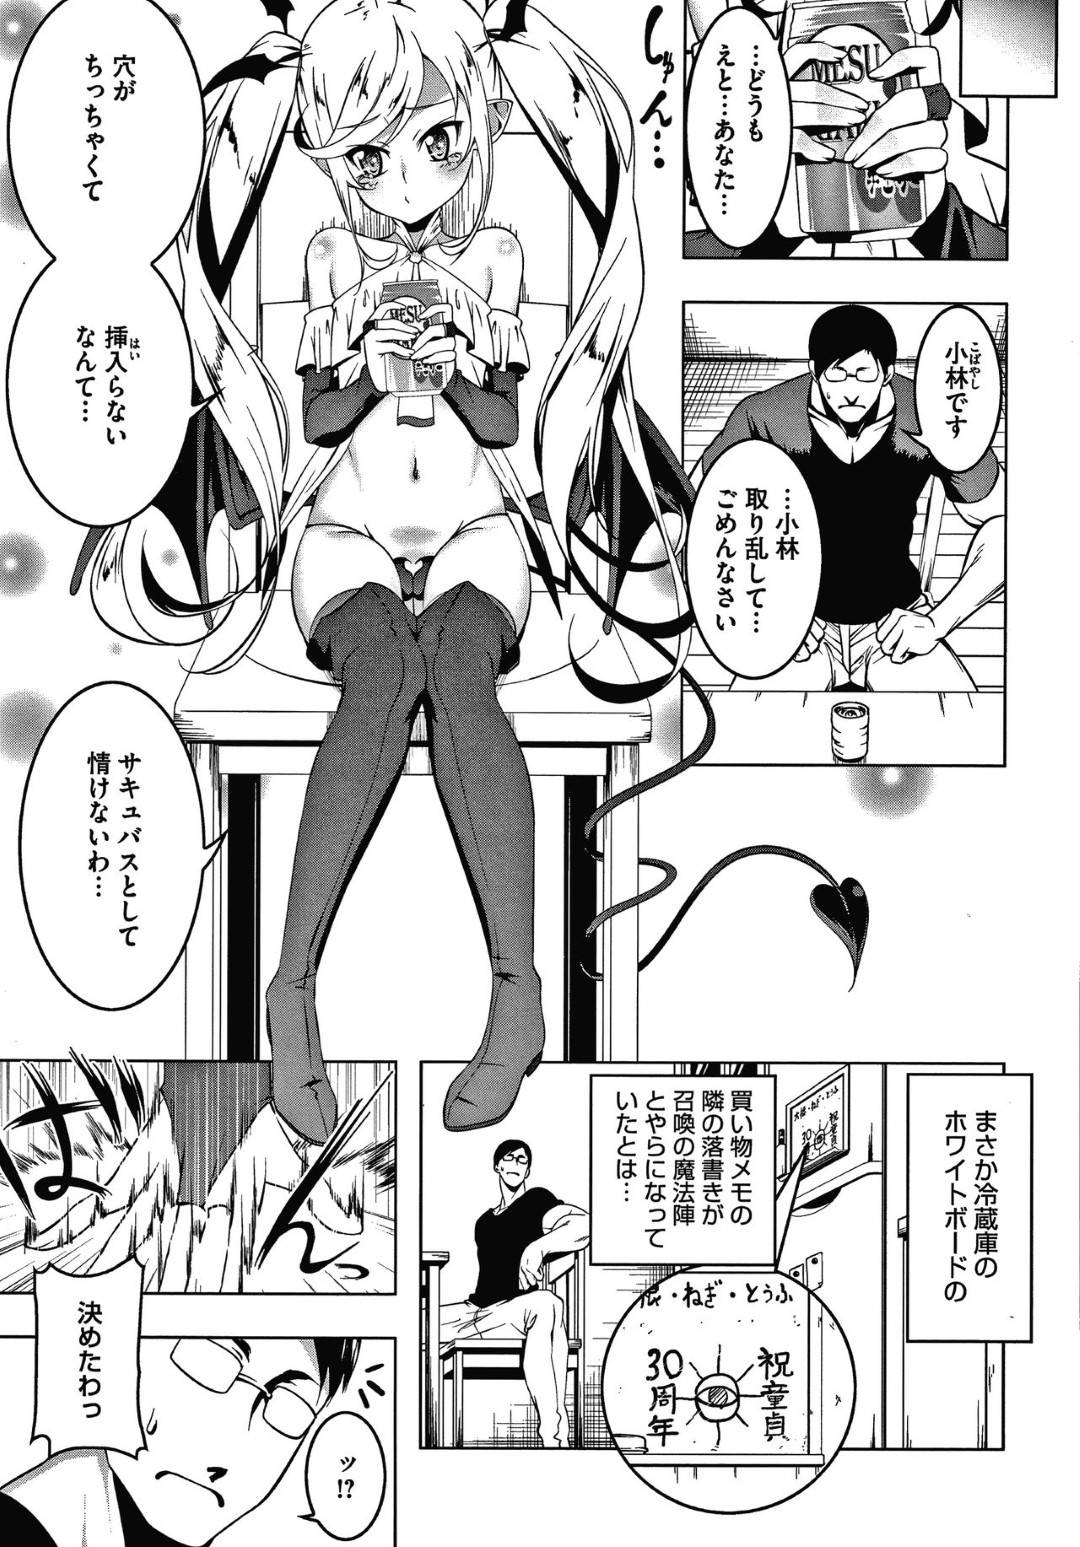 【エロ漫画】人間界へと降り立った貧乳スレンダーなサキュバス…人間の男を快楽漬けにするつもりの彼女だったが、あまりのデカマラに中々挿入できず、バイブで慣れさせてから正常位で処女喪失セックスする羽目になる。【田辺京:LOVE色ぷち】